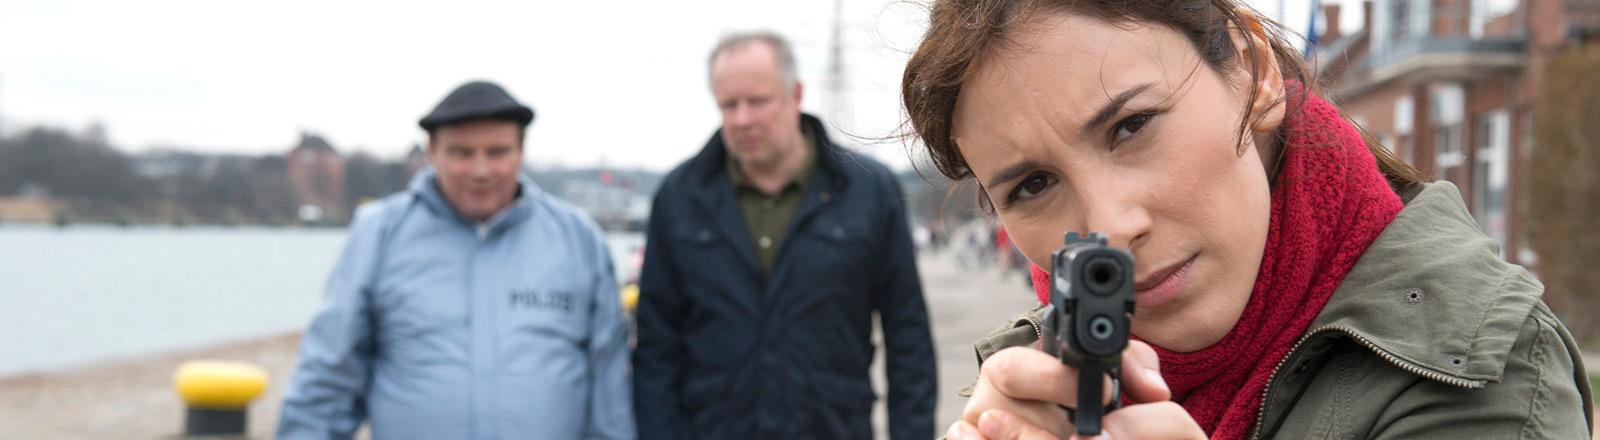 Tatort: Borowoski und das  Meer. Sarah Brandt (Sebil Kekilli) hält eine Waffe in der Hand. Borowski (Axel Milberg) und Klee (Jan Peter Heyne) schauen zu.